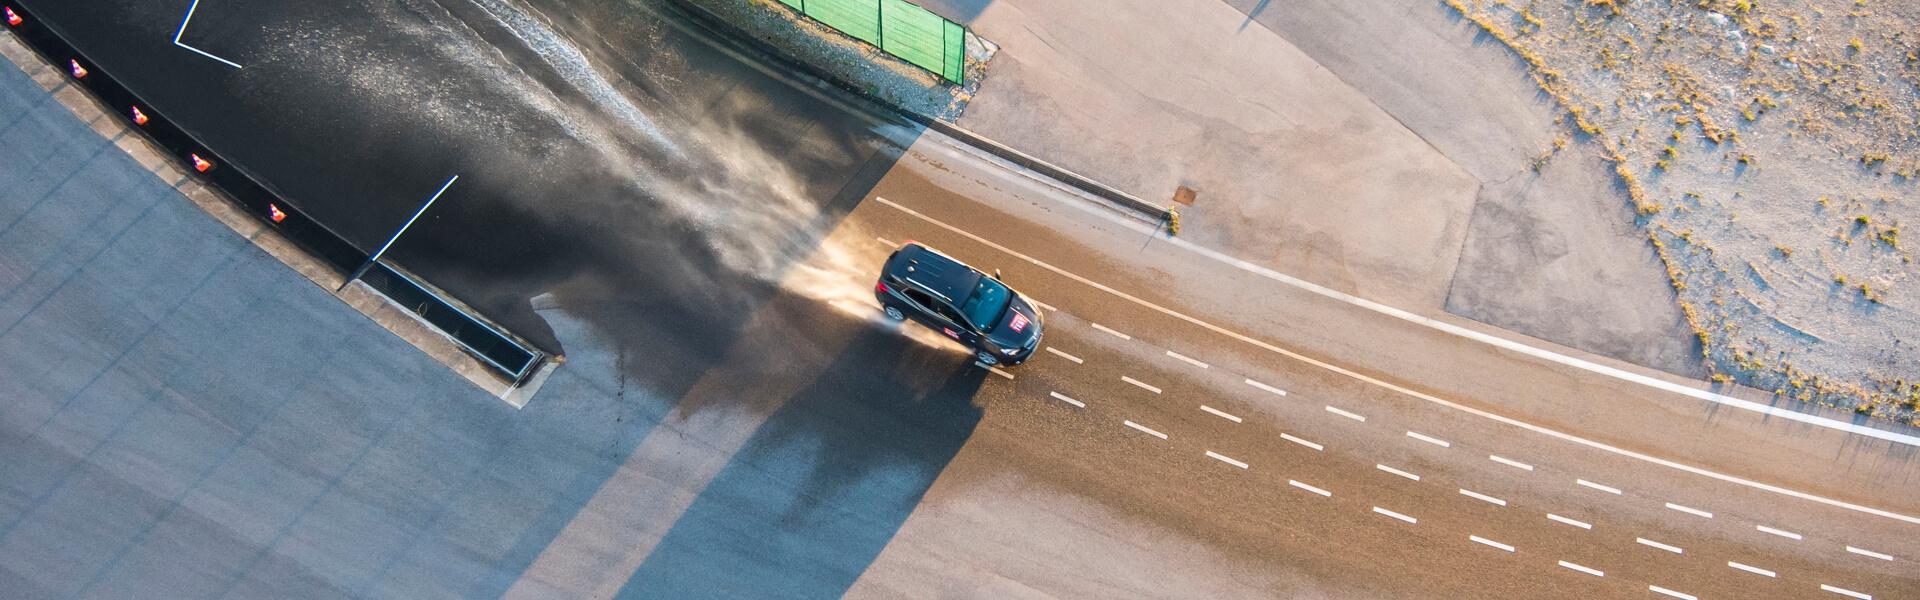 Ein Auto beim Fahrsicherheitstraining auf dem Verkehrsübungsplatz.